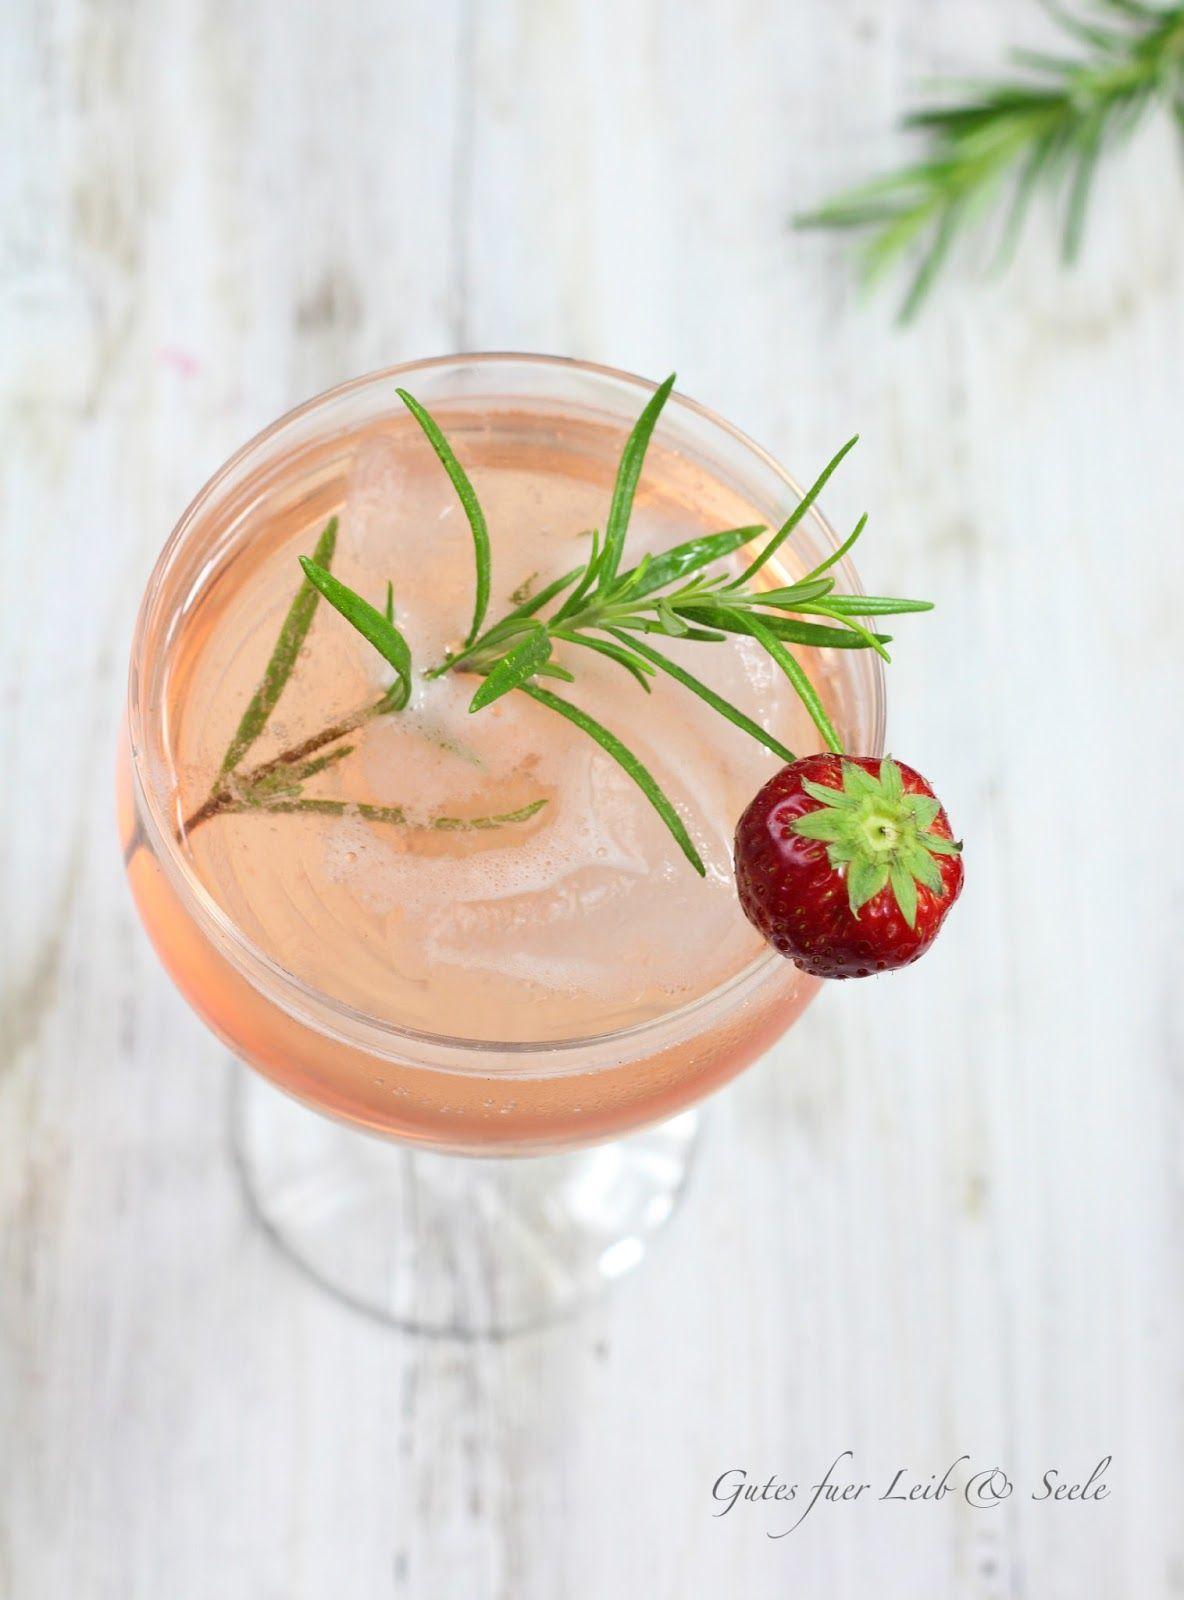 Gutes für Leib & Seele: Erdbeer-Rosmarin-Sirup